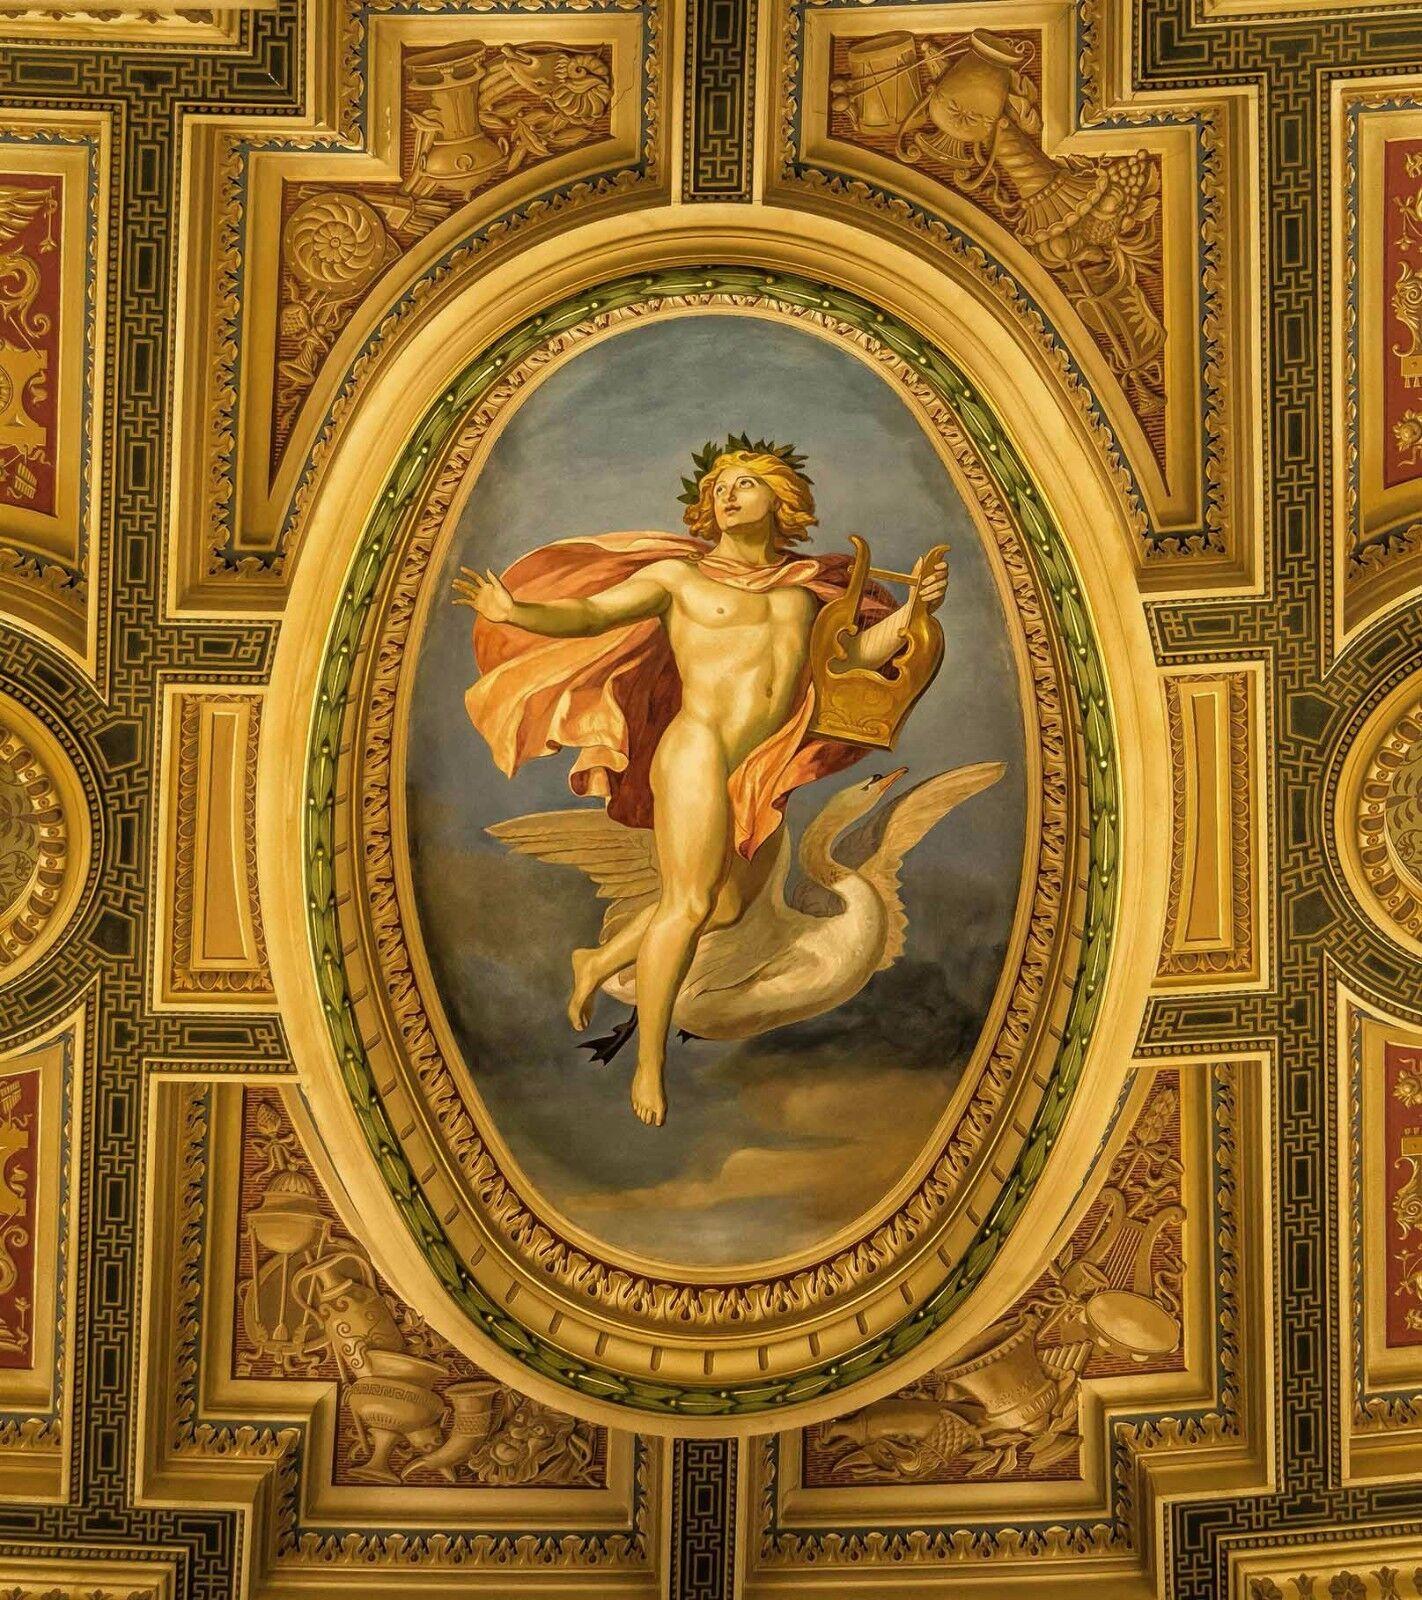 3d scheda religiosa 42 Foto Carta da da da parati muro immagine Fotomurale Carta da parati immagine de Kyra 853d18